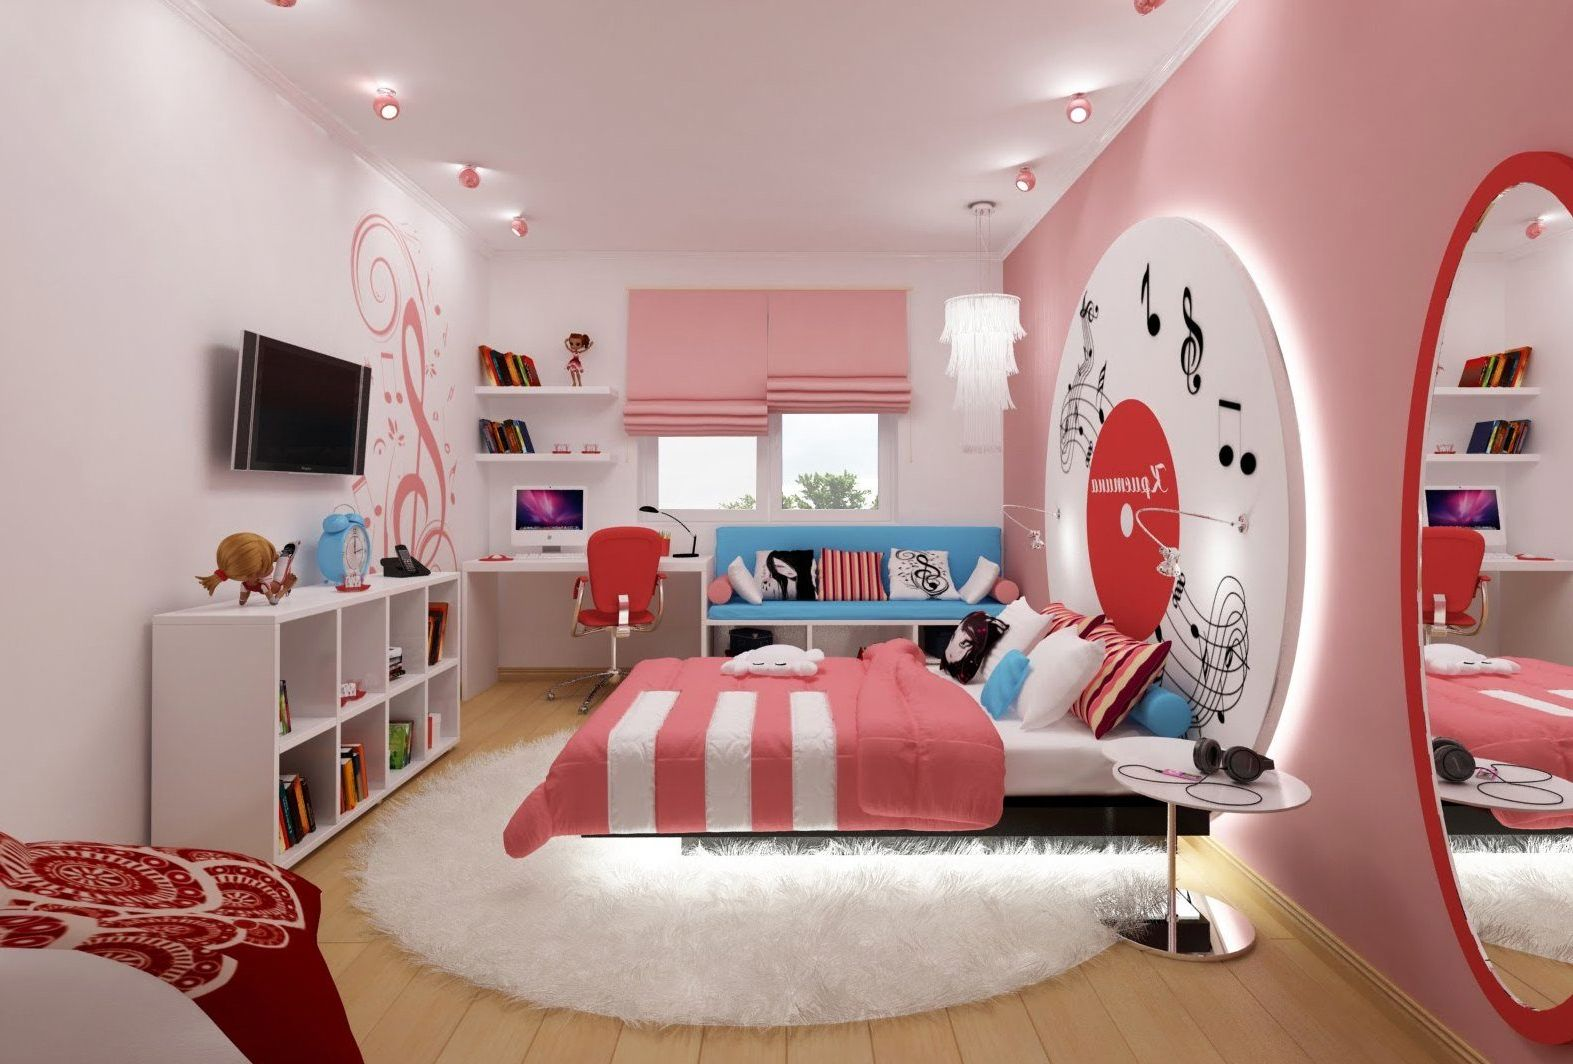 Дизайн комнаты для девочки в квартире